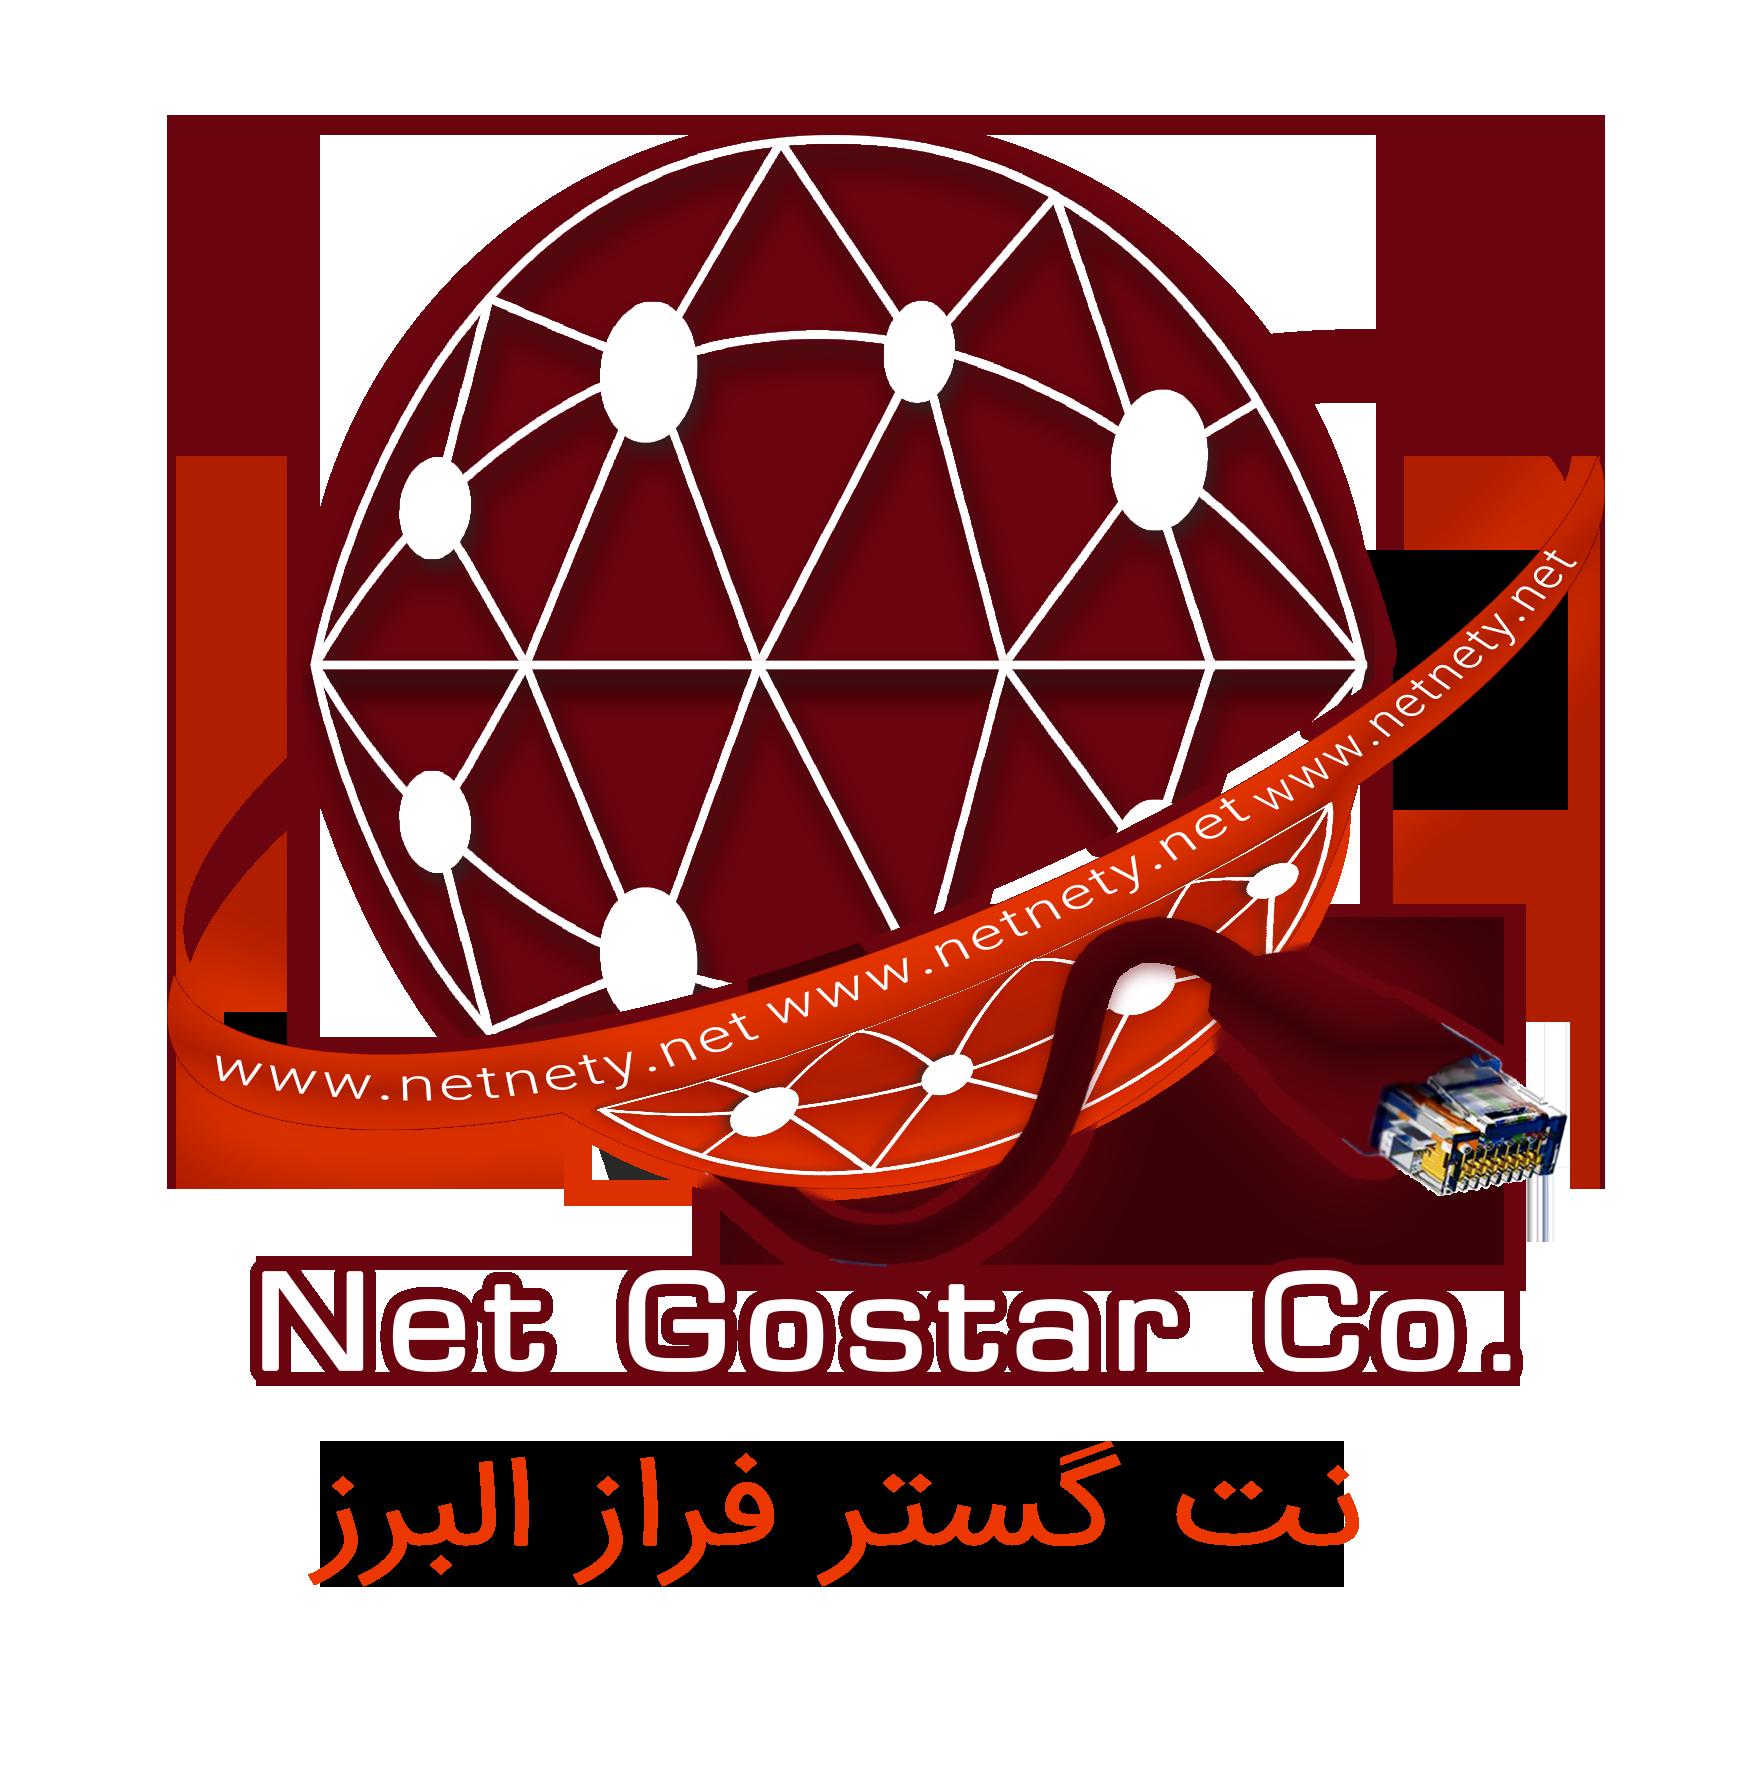 فروشگاه آنلاین تجهیزات شبکه نت گستر | تجهیزات کامپیوتری